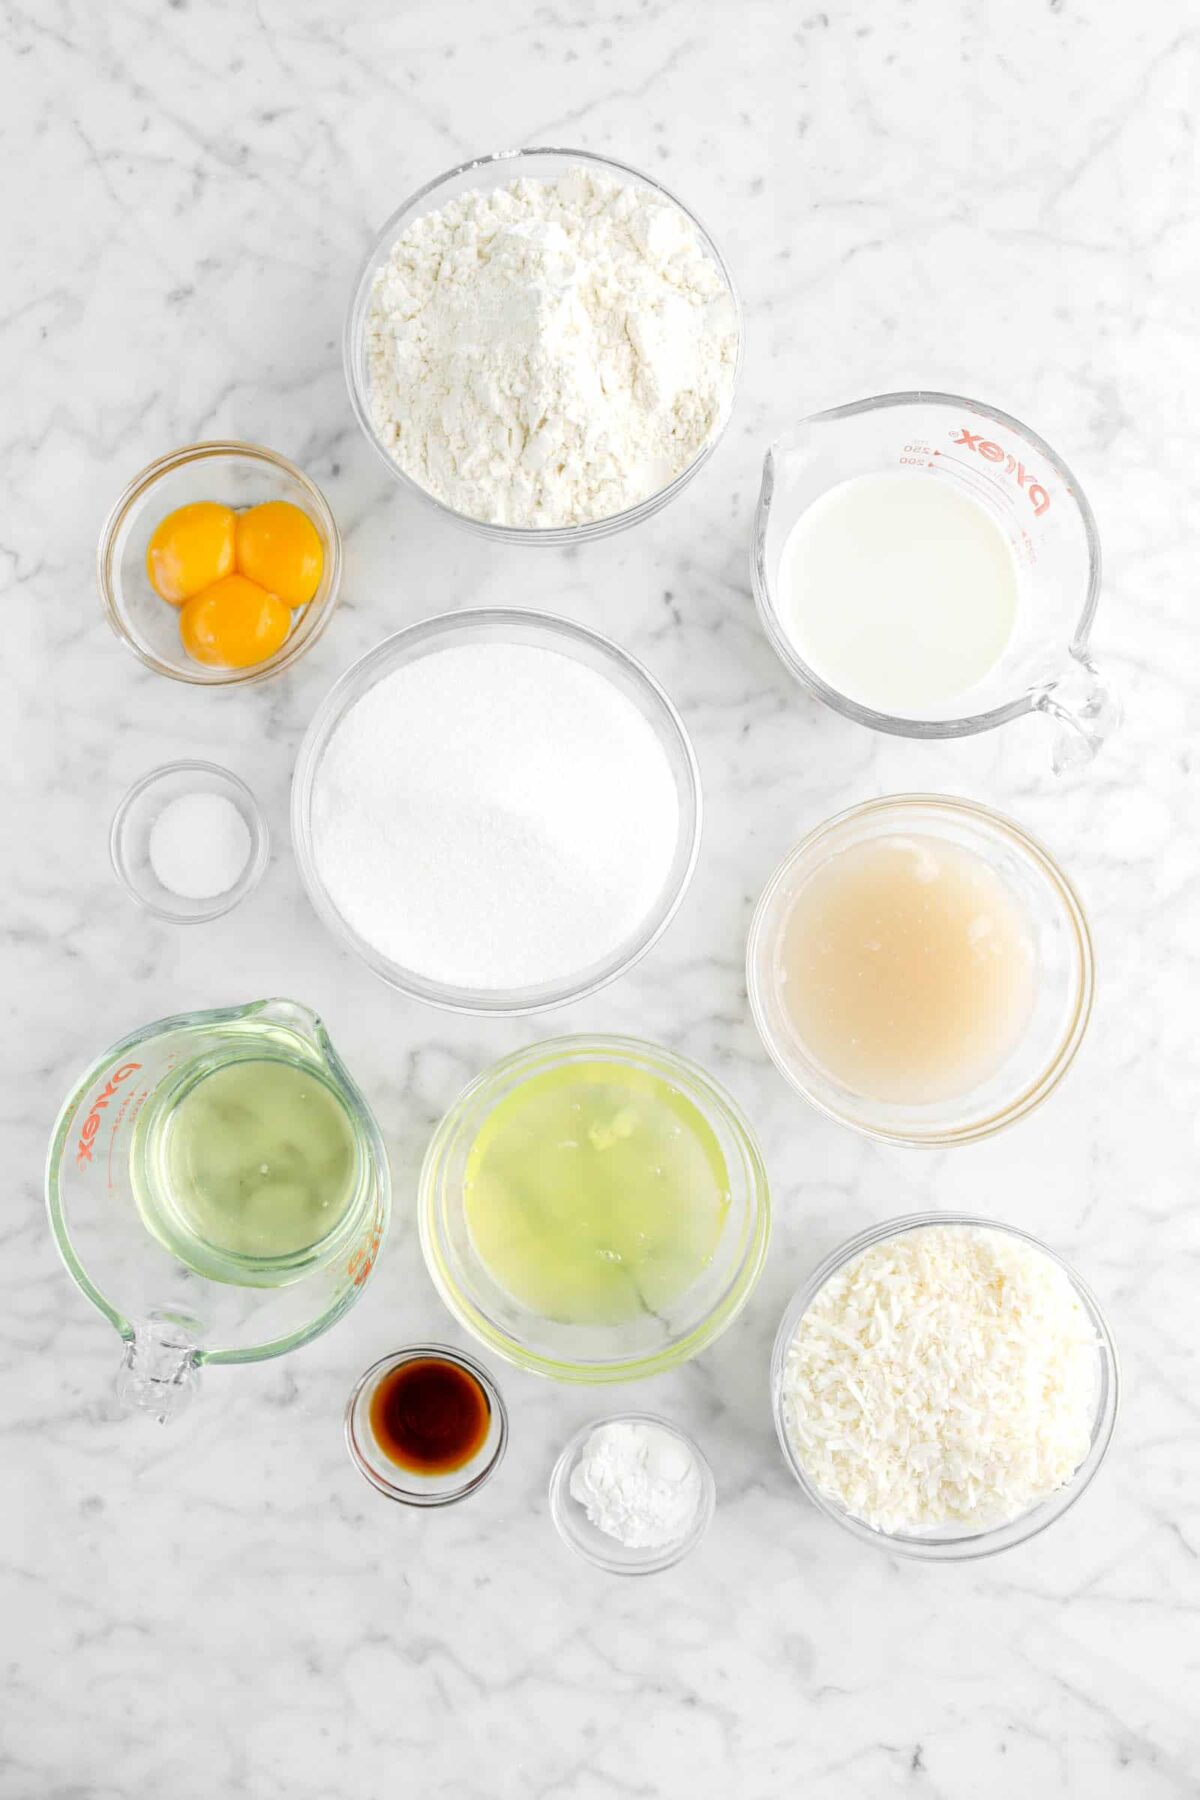 flour, milk, egg yolks, sugar, salt, cream of coconut, egg whites, vegetable oil, vanilla, baking powder, and shredded coconut on marble counter